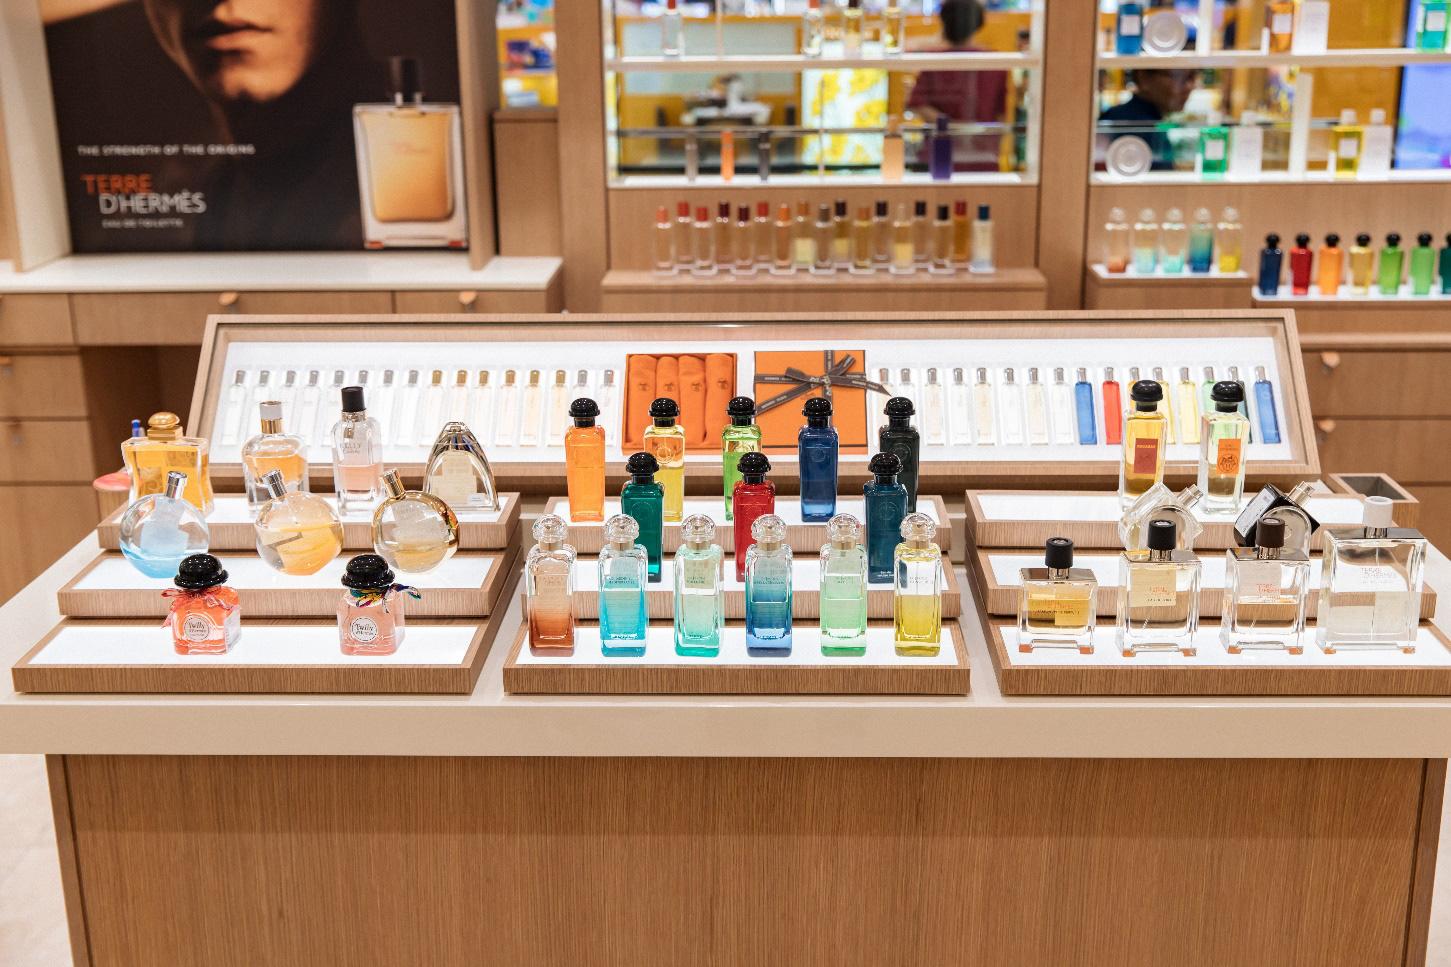 Hermès mở gian hàng mỹ phẩm đầu tiên tại TTTM Takashimaya, Sài Gòn - Ảnh 3.